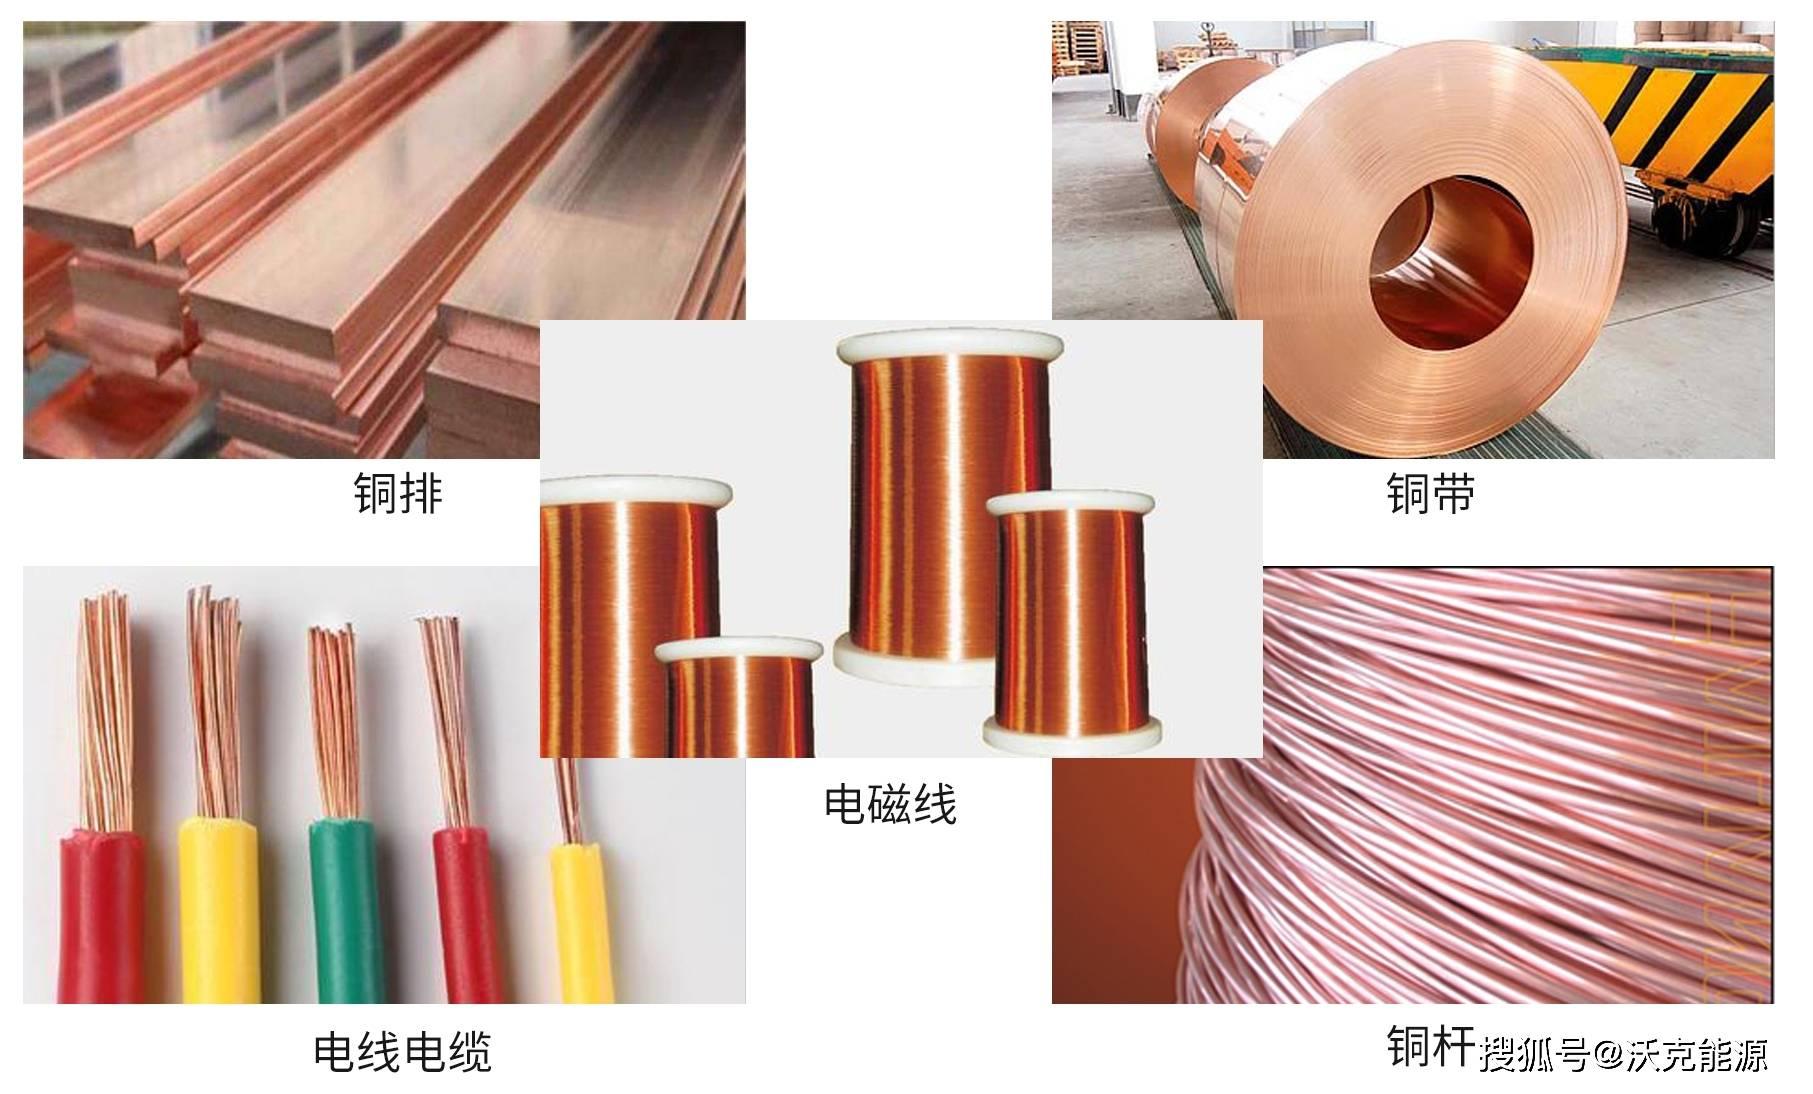 各种电气材料的特点和新的焊接技术